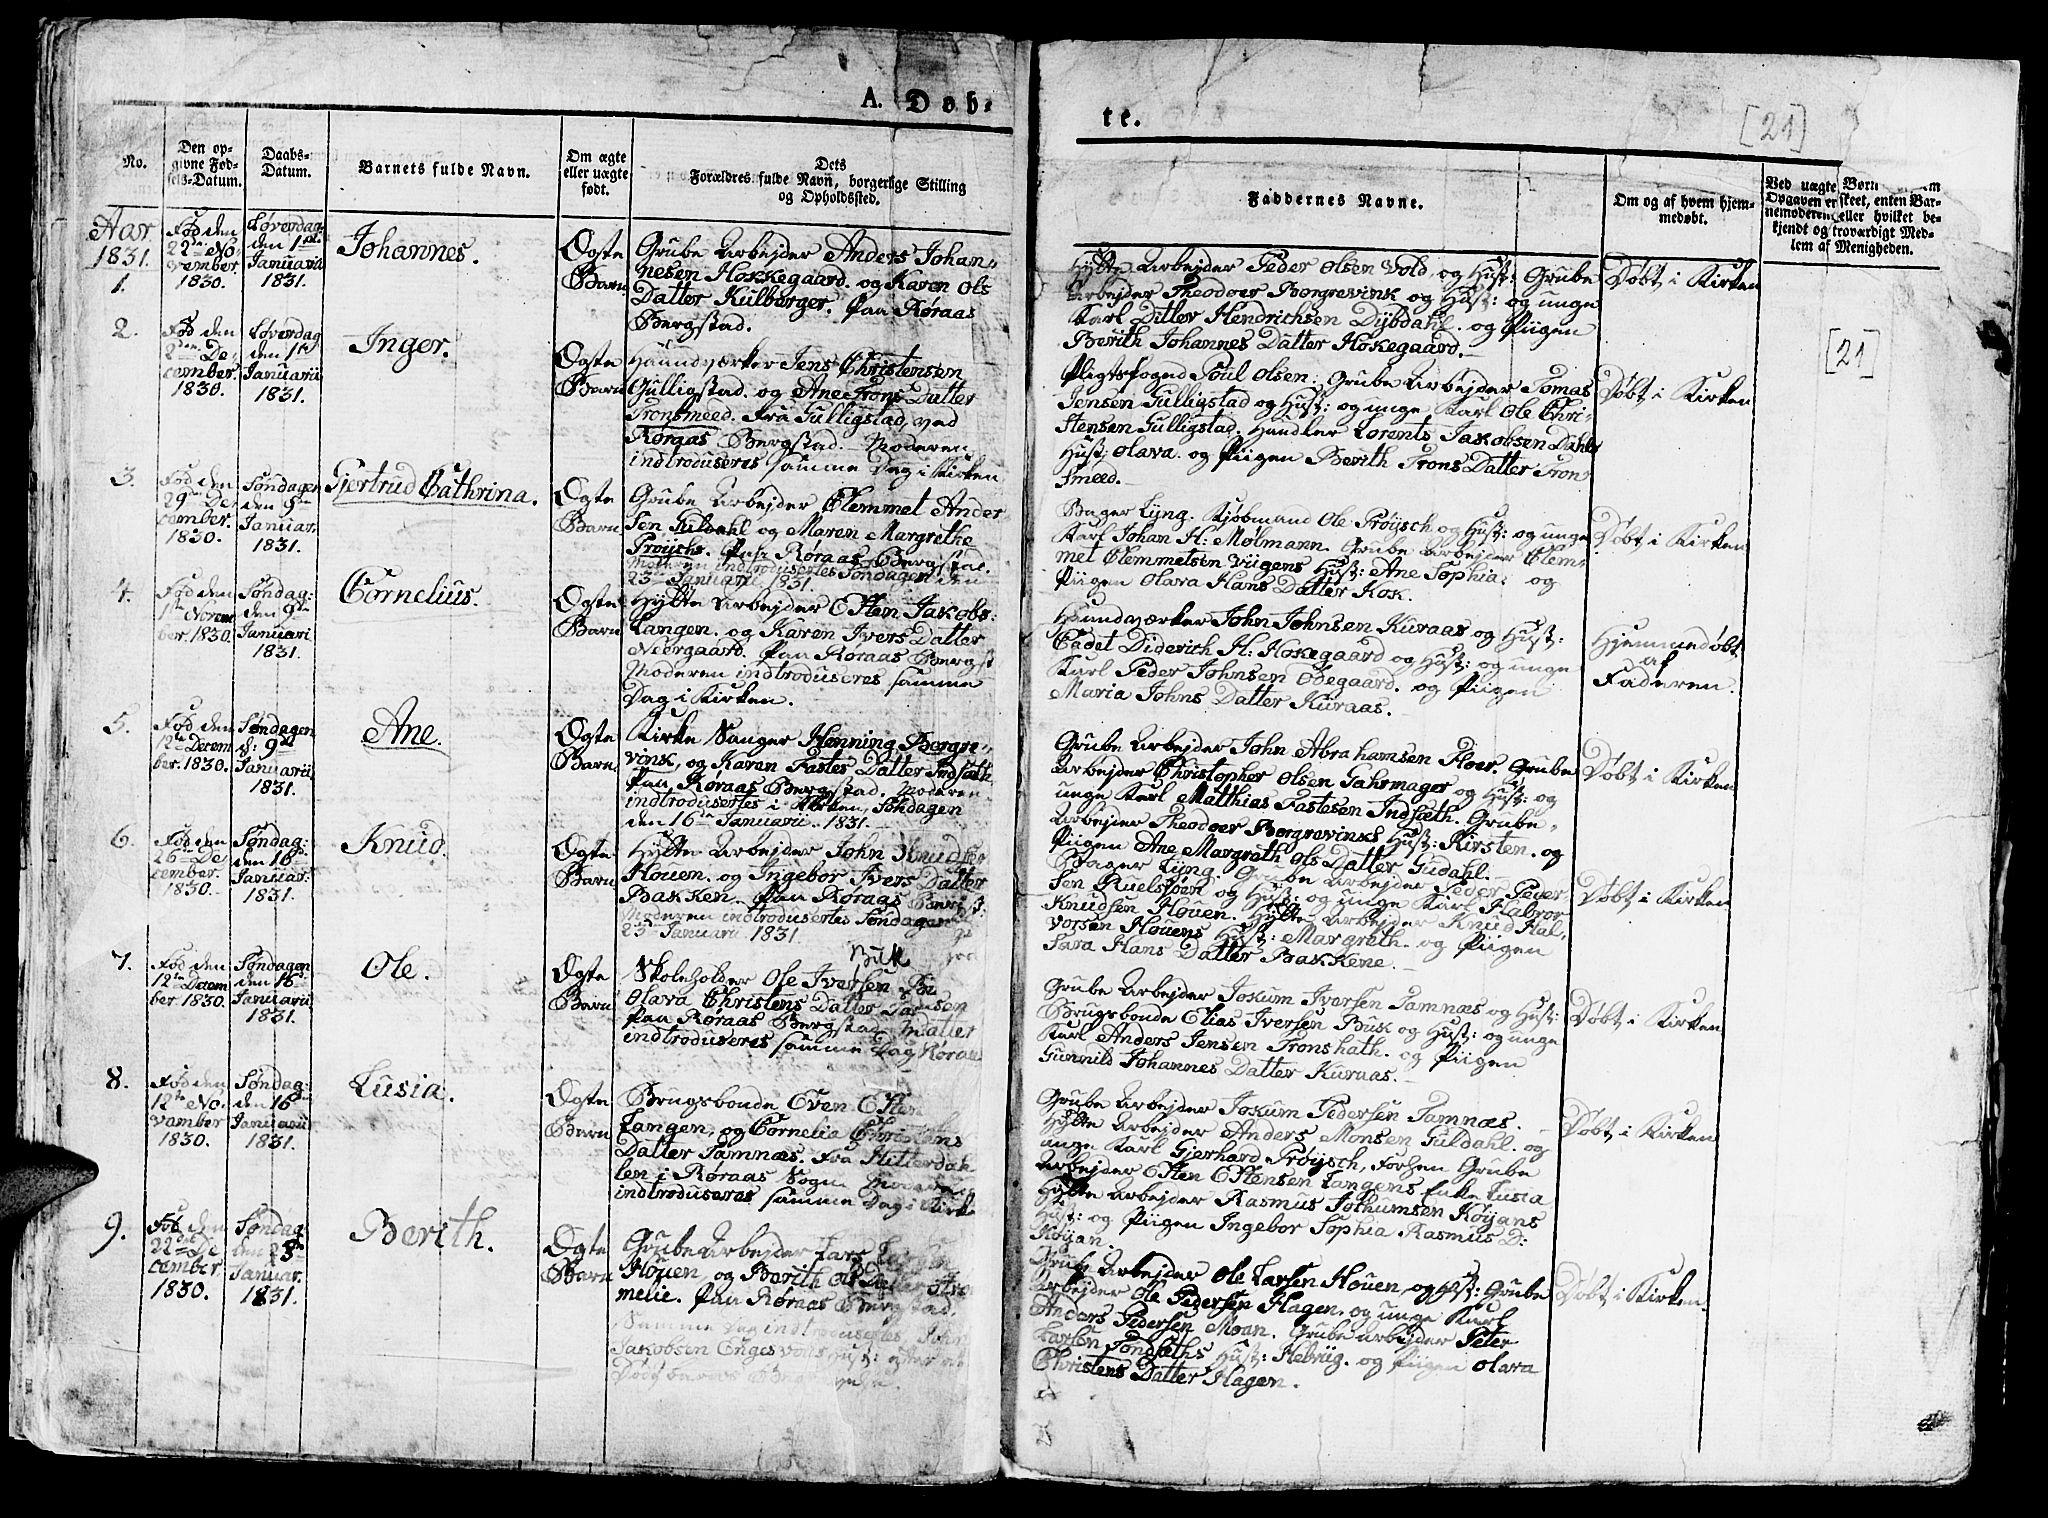 SAT, Ministerialprotokoller, klokkerbøker og fødselsregistre - Sør-Trøndelag, 681/L0938: Klokkerbok nr. 681C02, 1829-1879, s. 21